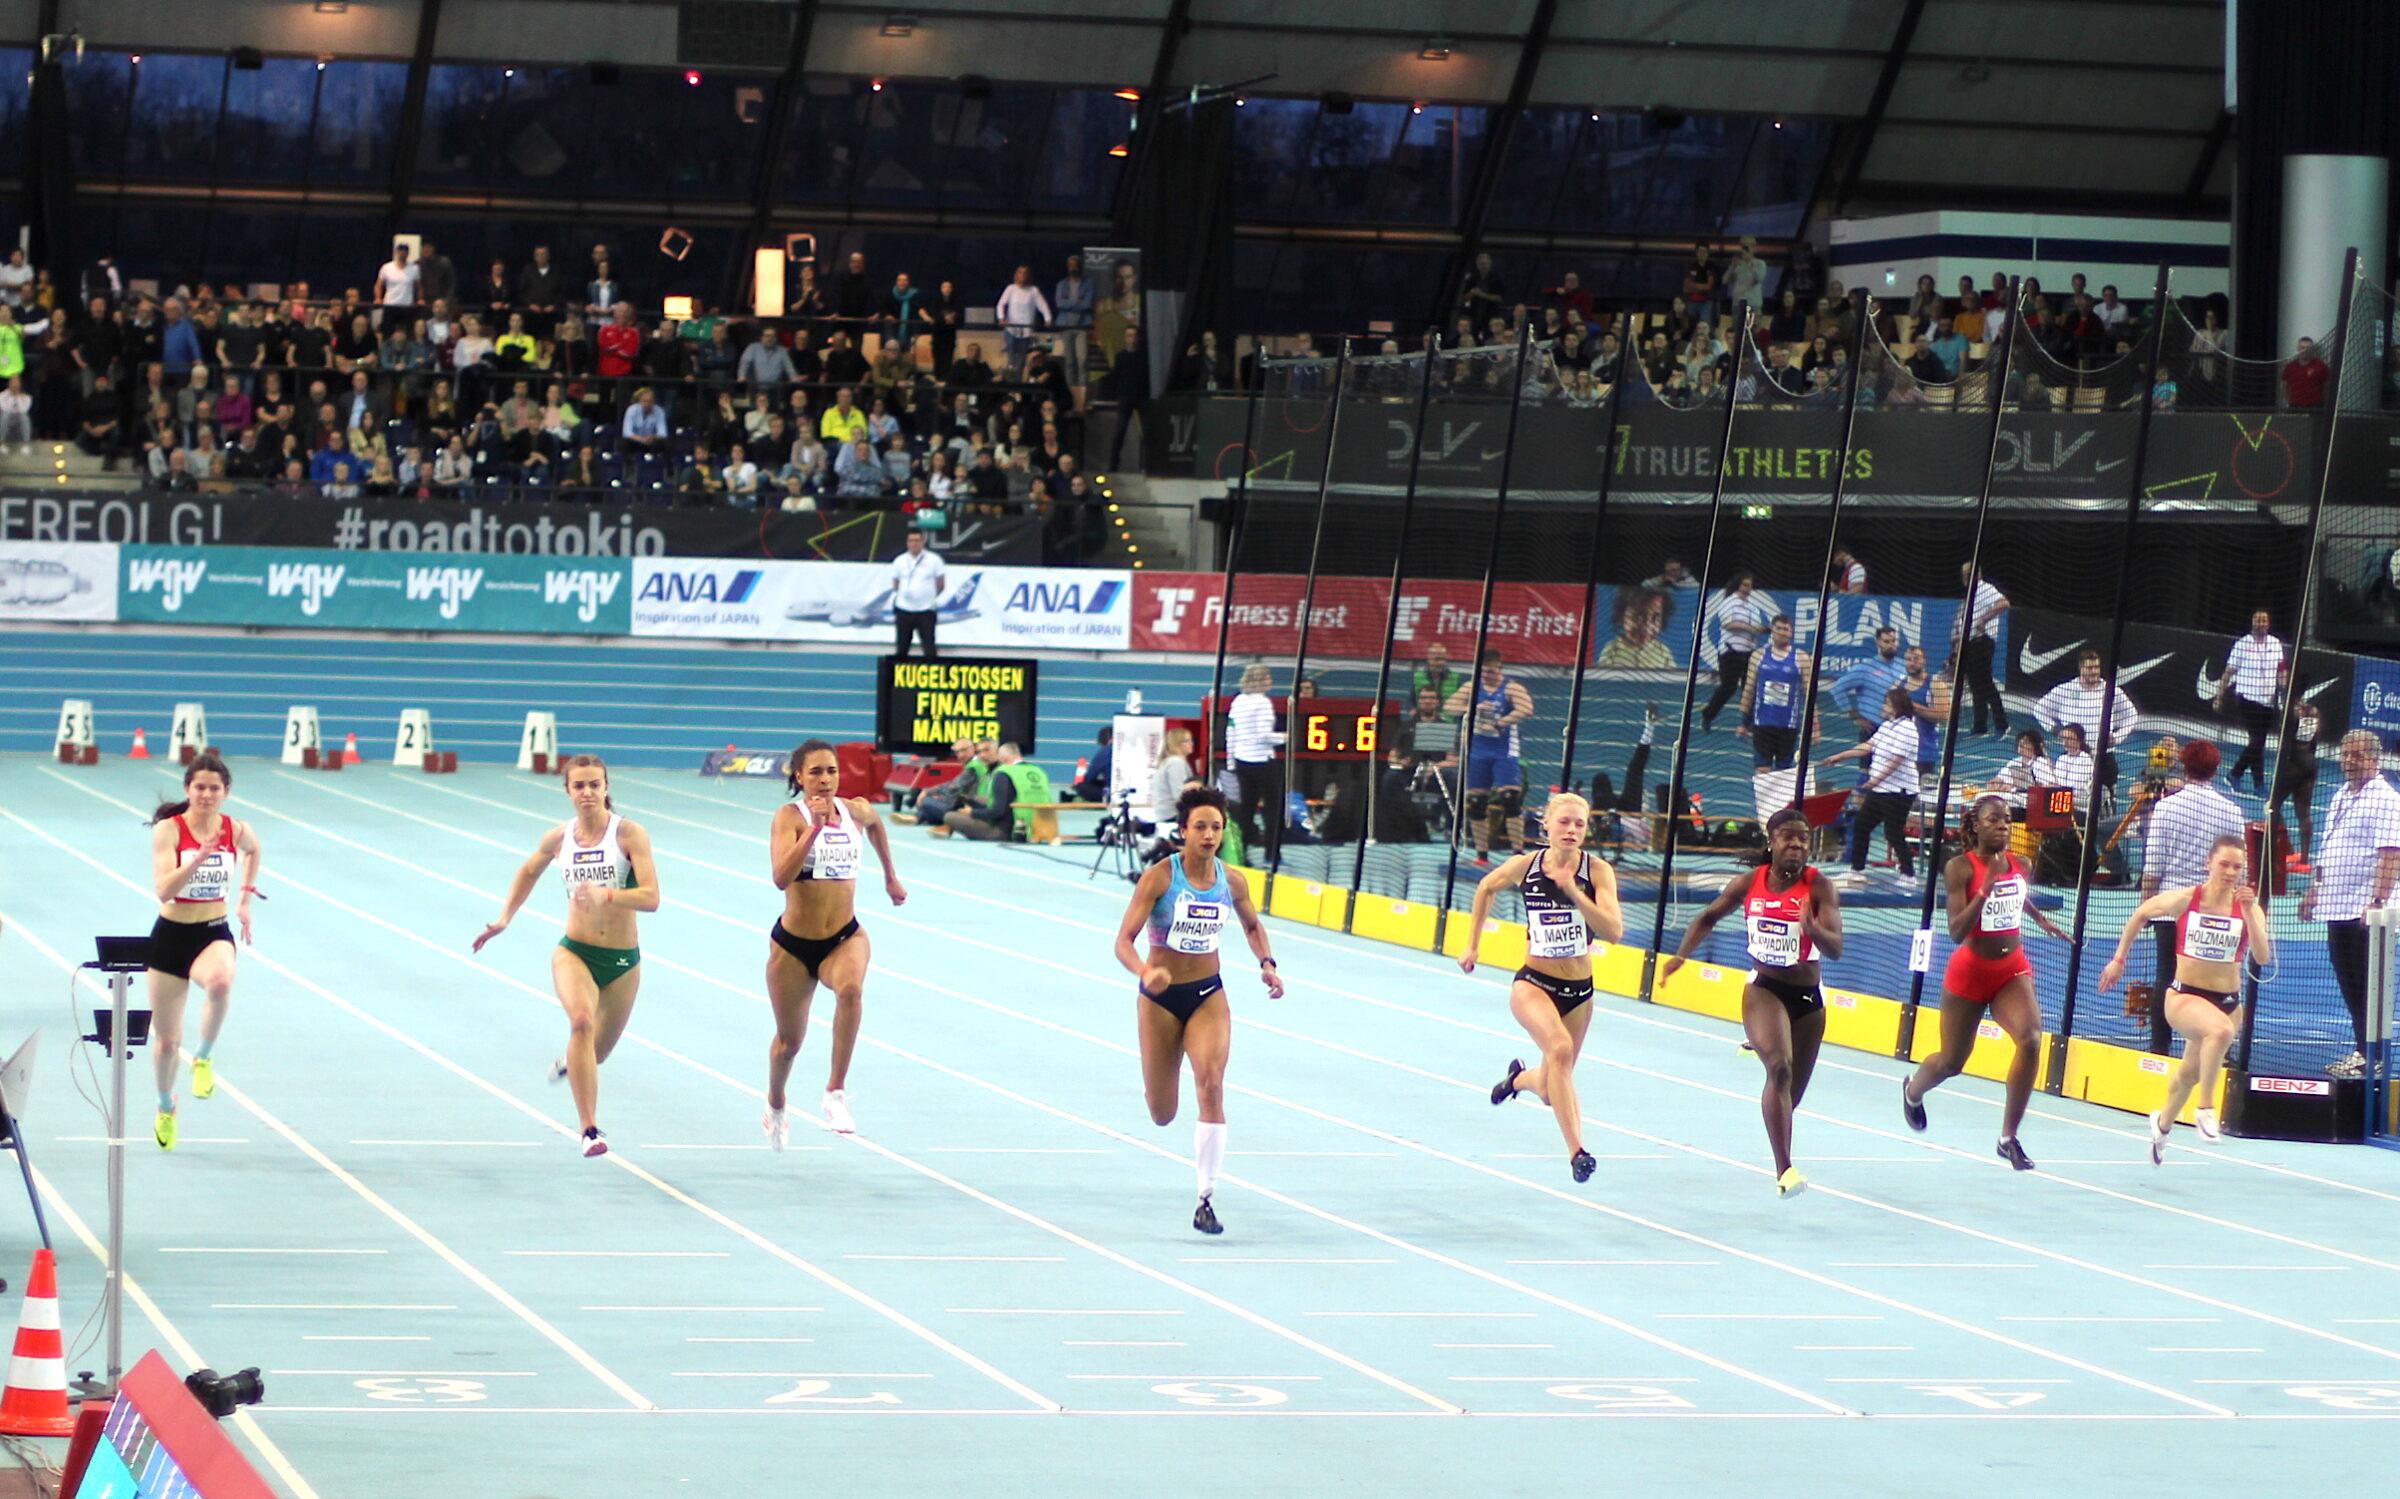 Deutsche Leichtathletik Hallenmeisterschaft 2020: Eine Frontalaufnahme einer Rennbahn in der Leipziger Arena. Acht Sprinterinnen laufen fast parallel nebeneinander her in Richtung Ziellinie, Foto: Tomke Koop.